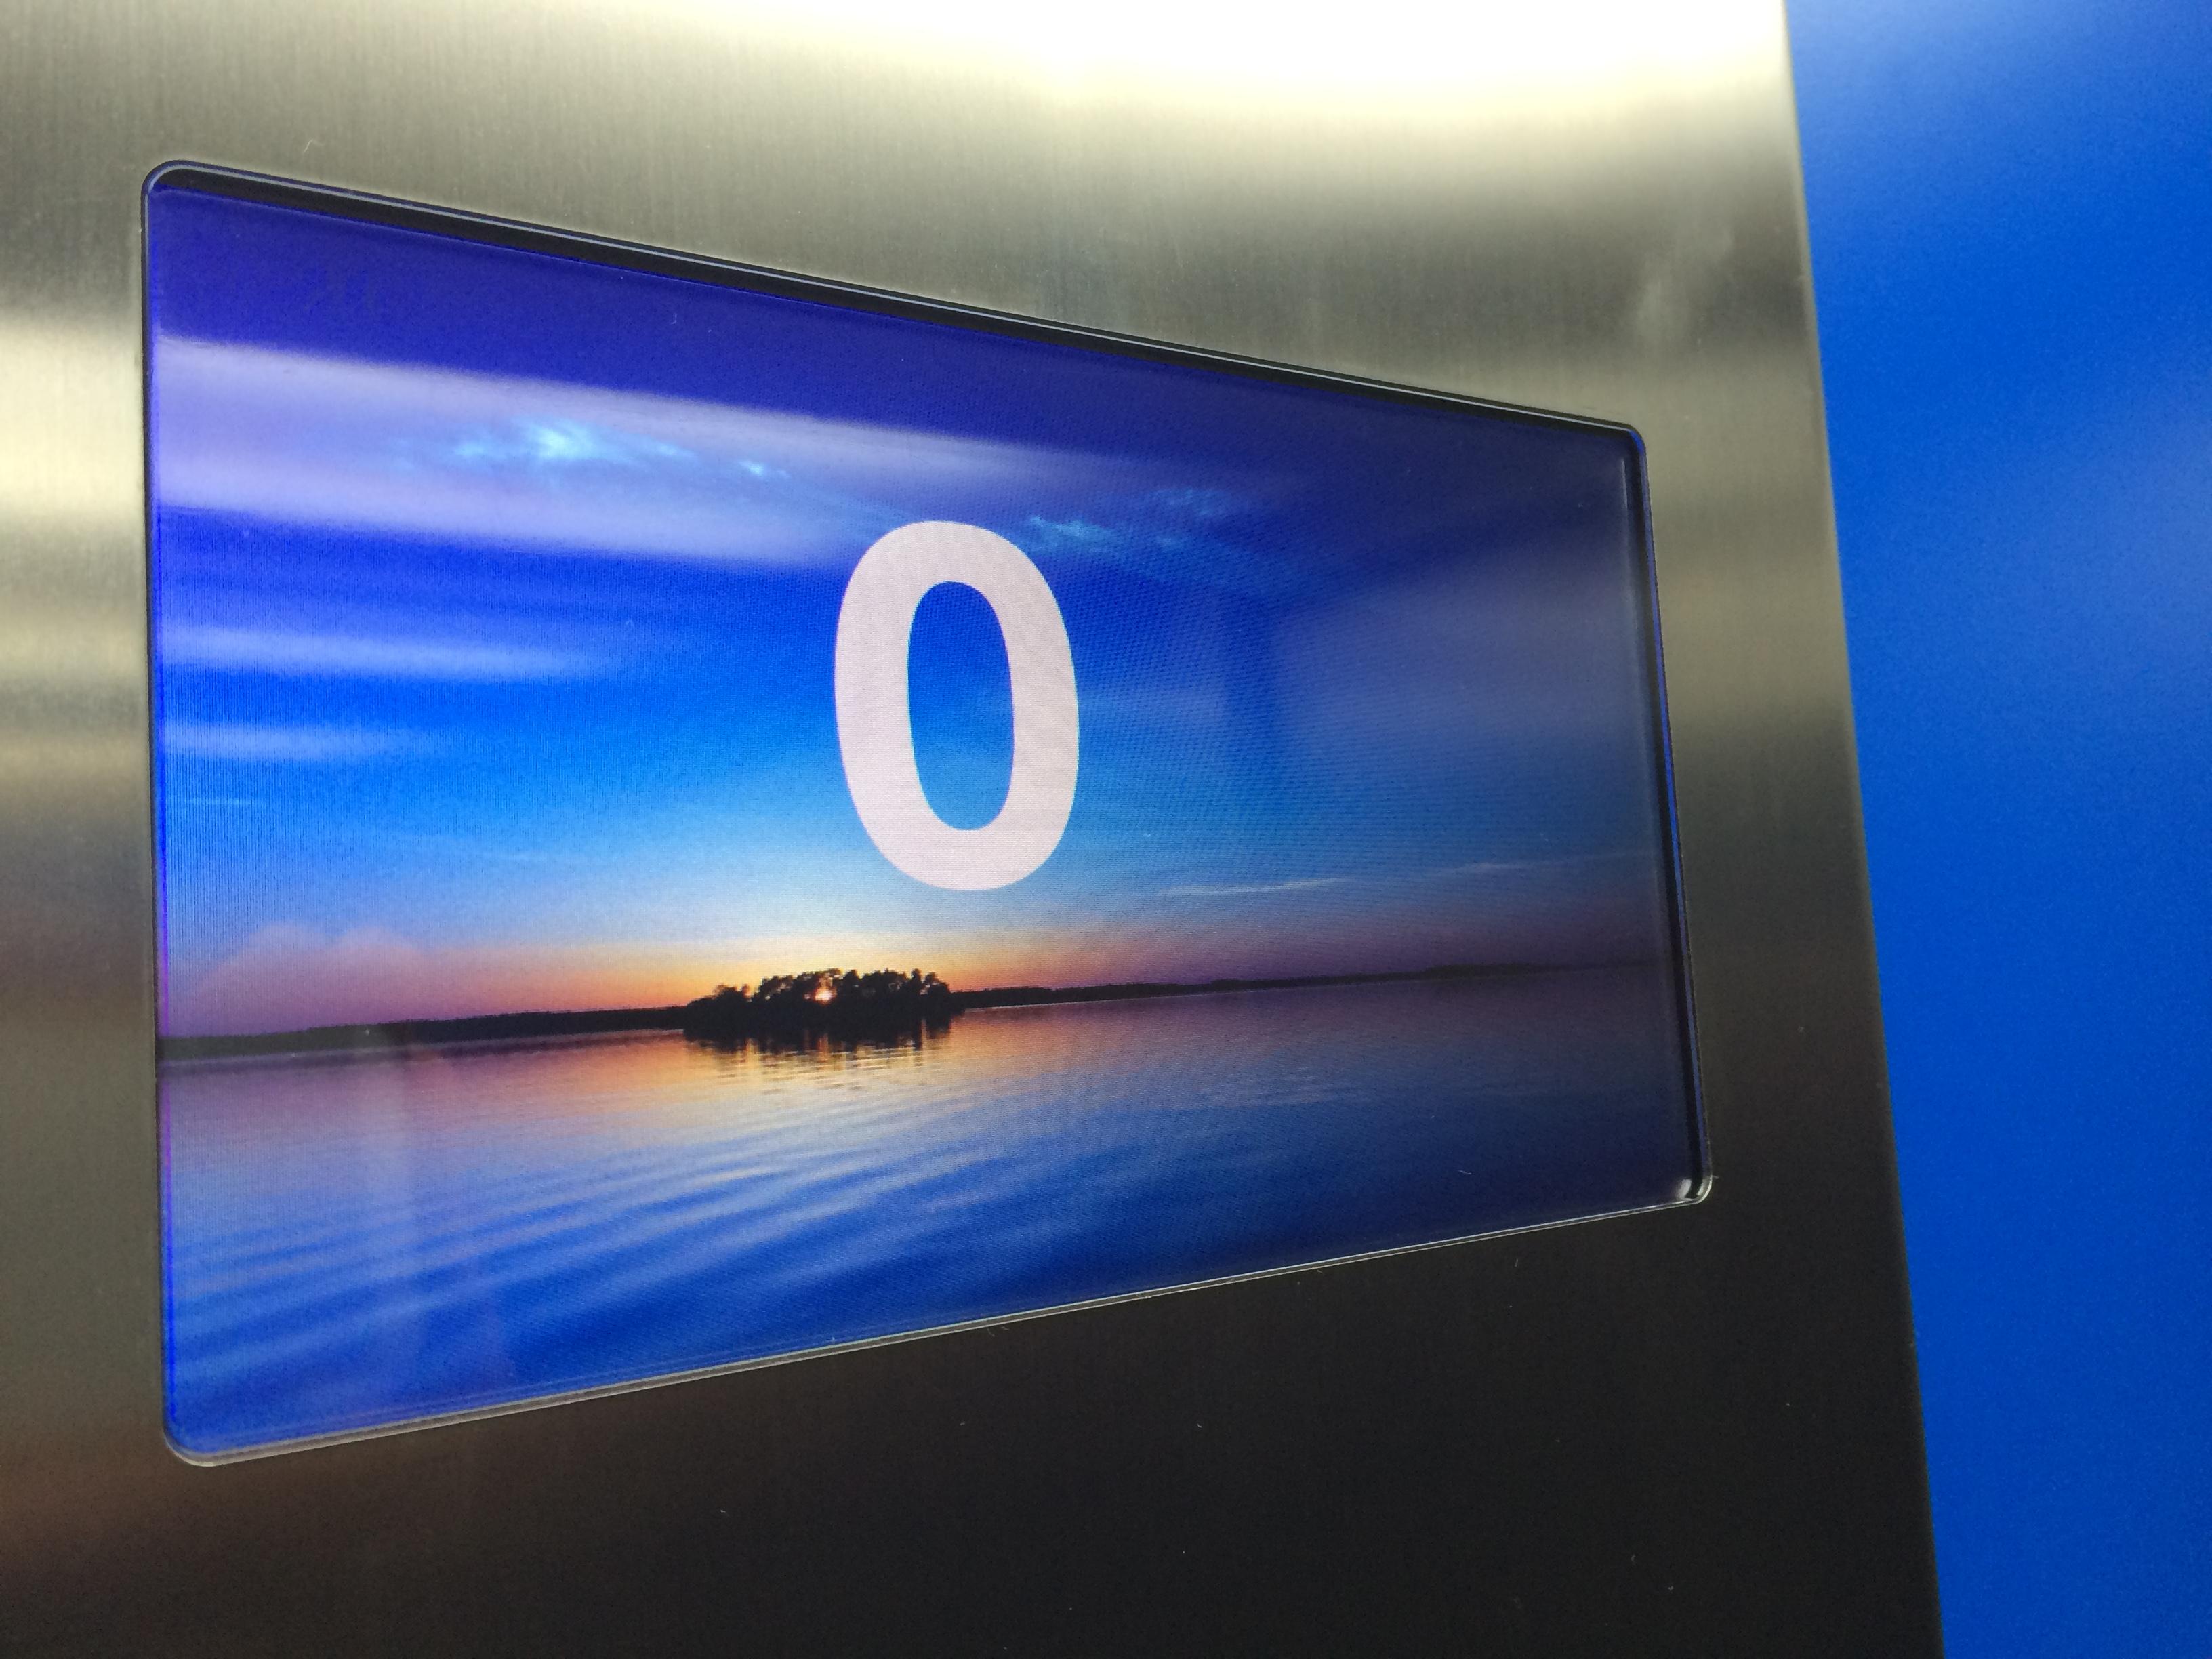 ascensor instal.lat a manresa